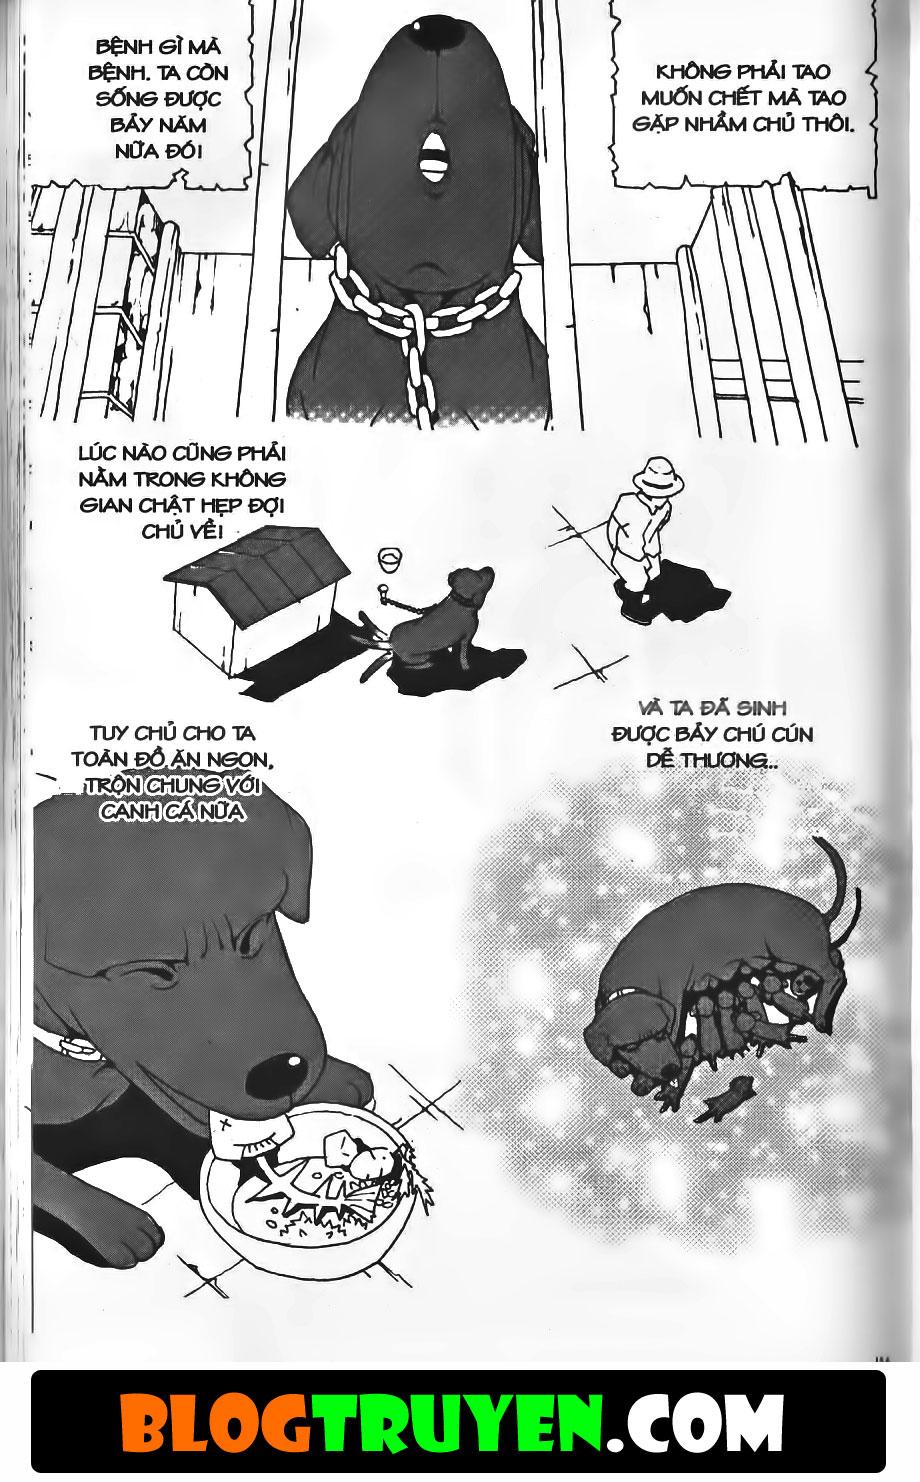 Bitagi - Anh chàng ngổ ngáo chap 182 trang 24